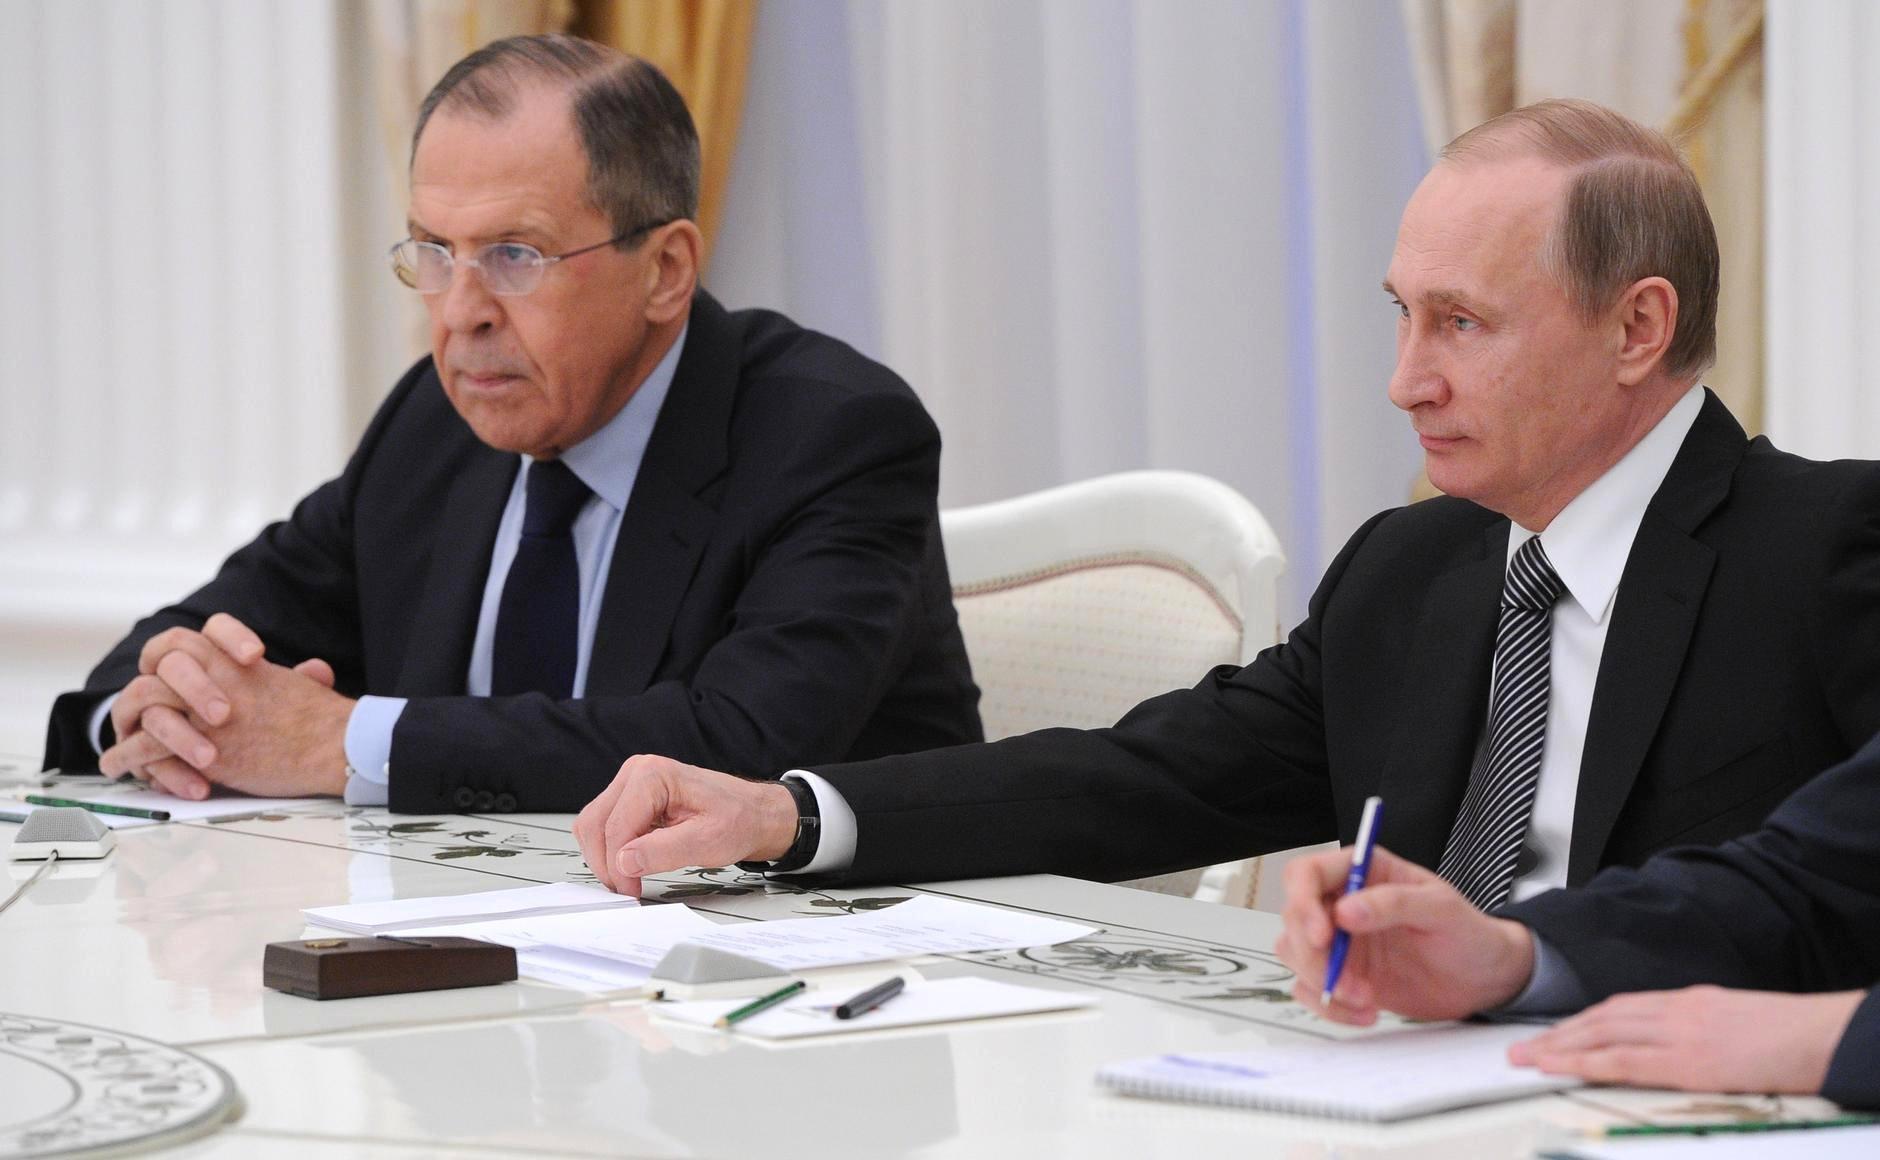 Vladimir_Putin_with_Sergey_Lavrov_2016-03-23